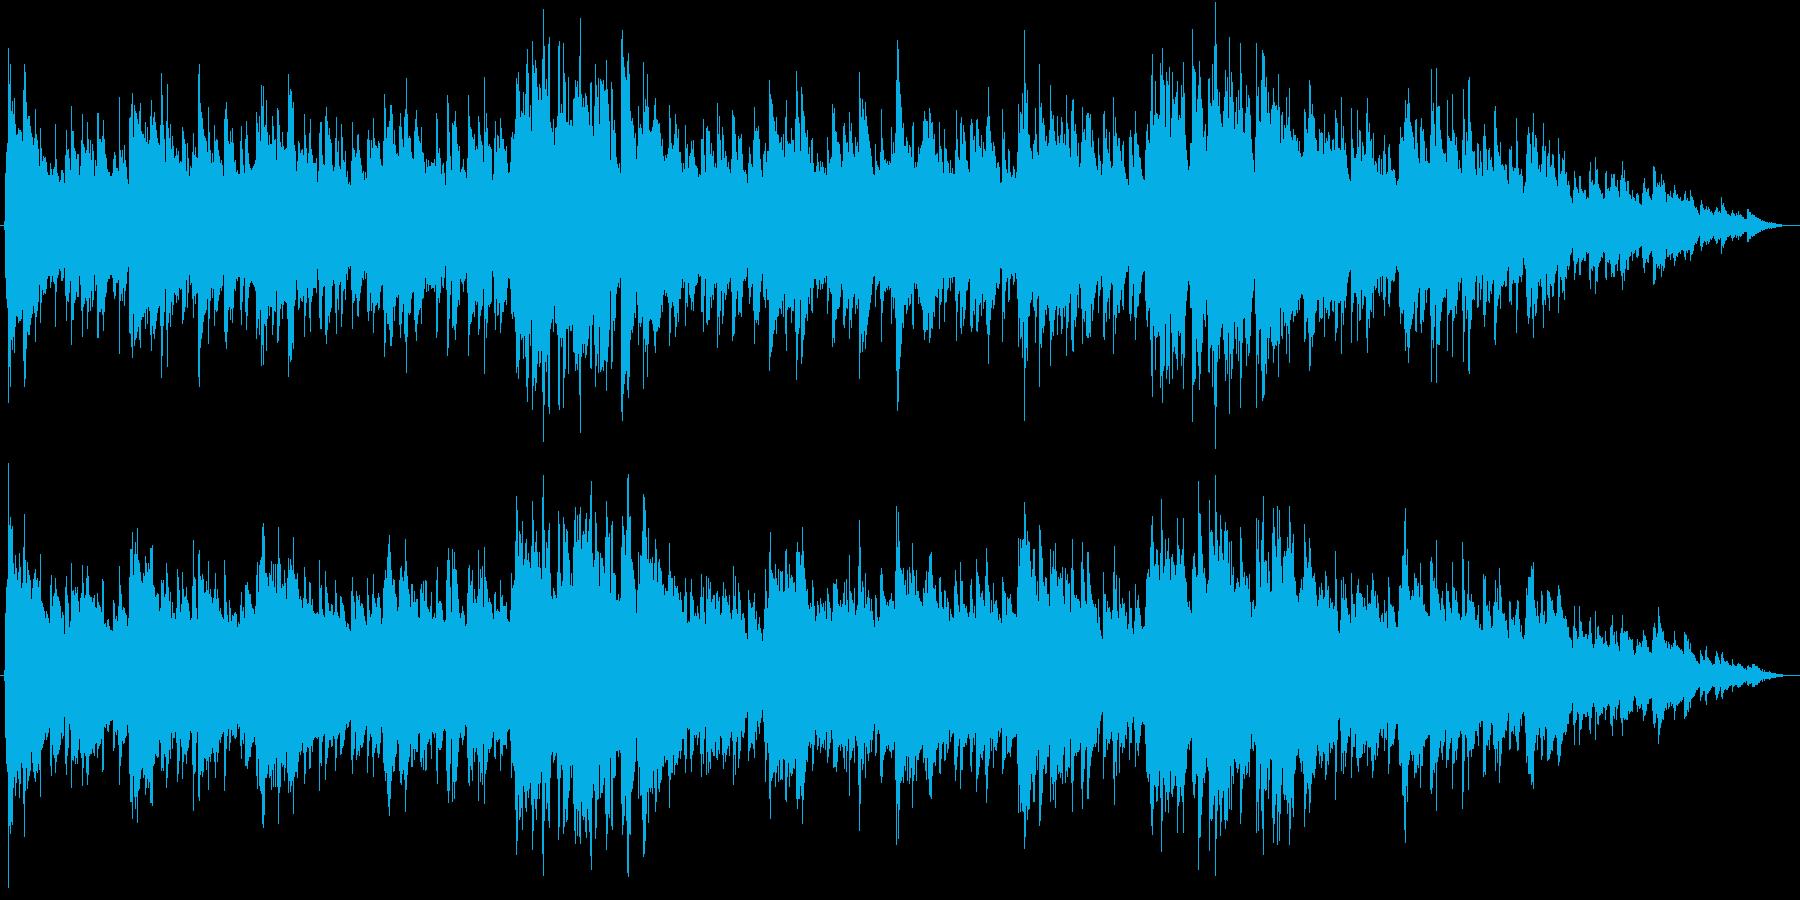 Aギター生演奏-ピアノ優しく混ざり合っての再生済みの波形